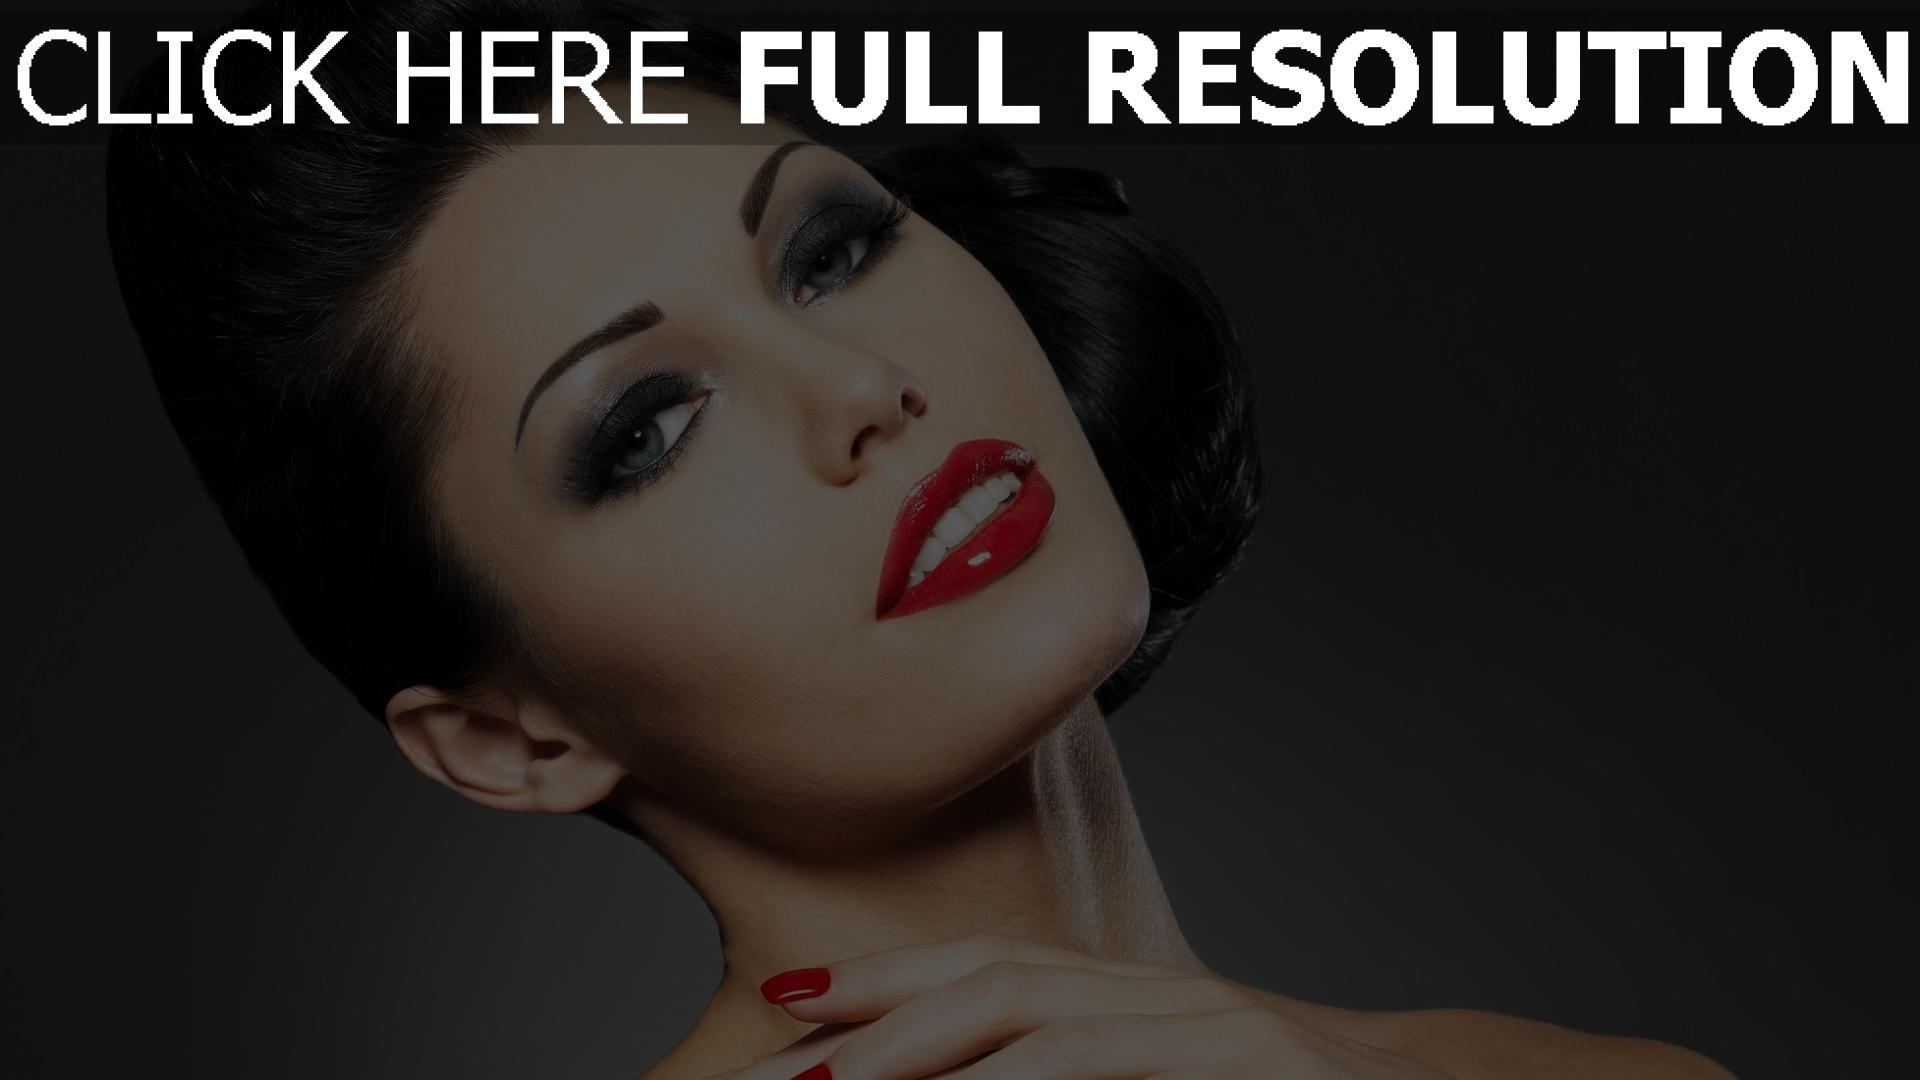 fond d'écran 1920x1080 brunette rouge à lèvres maquillage yeux bleus